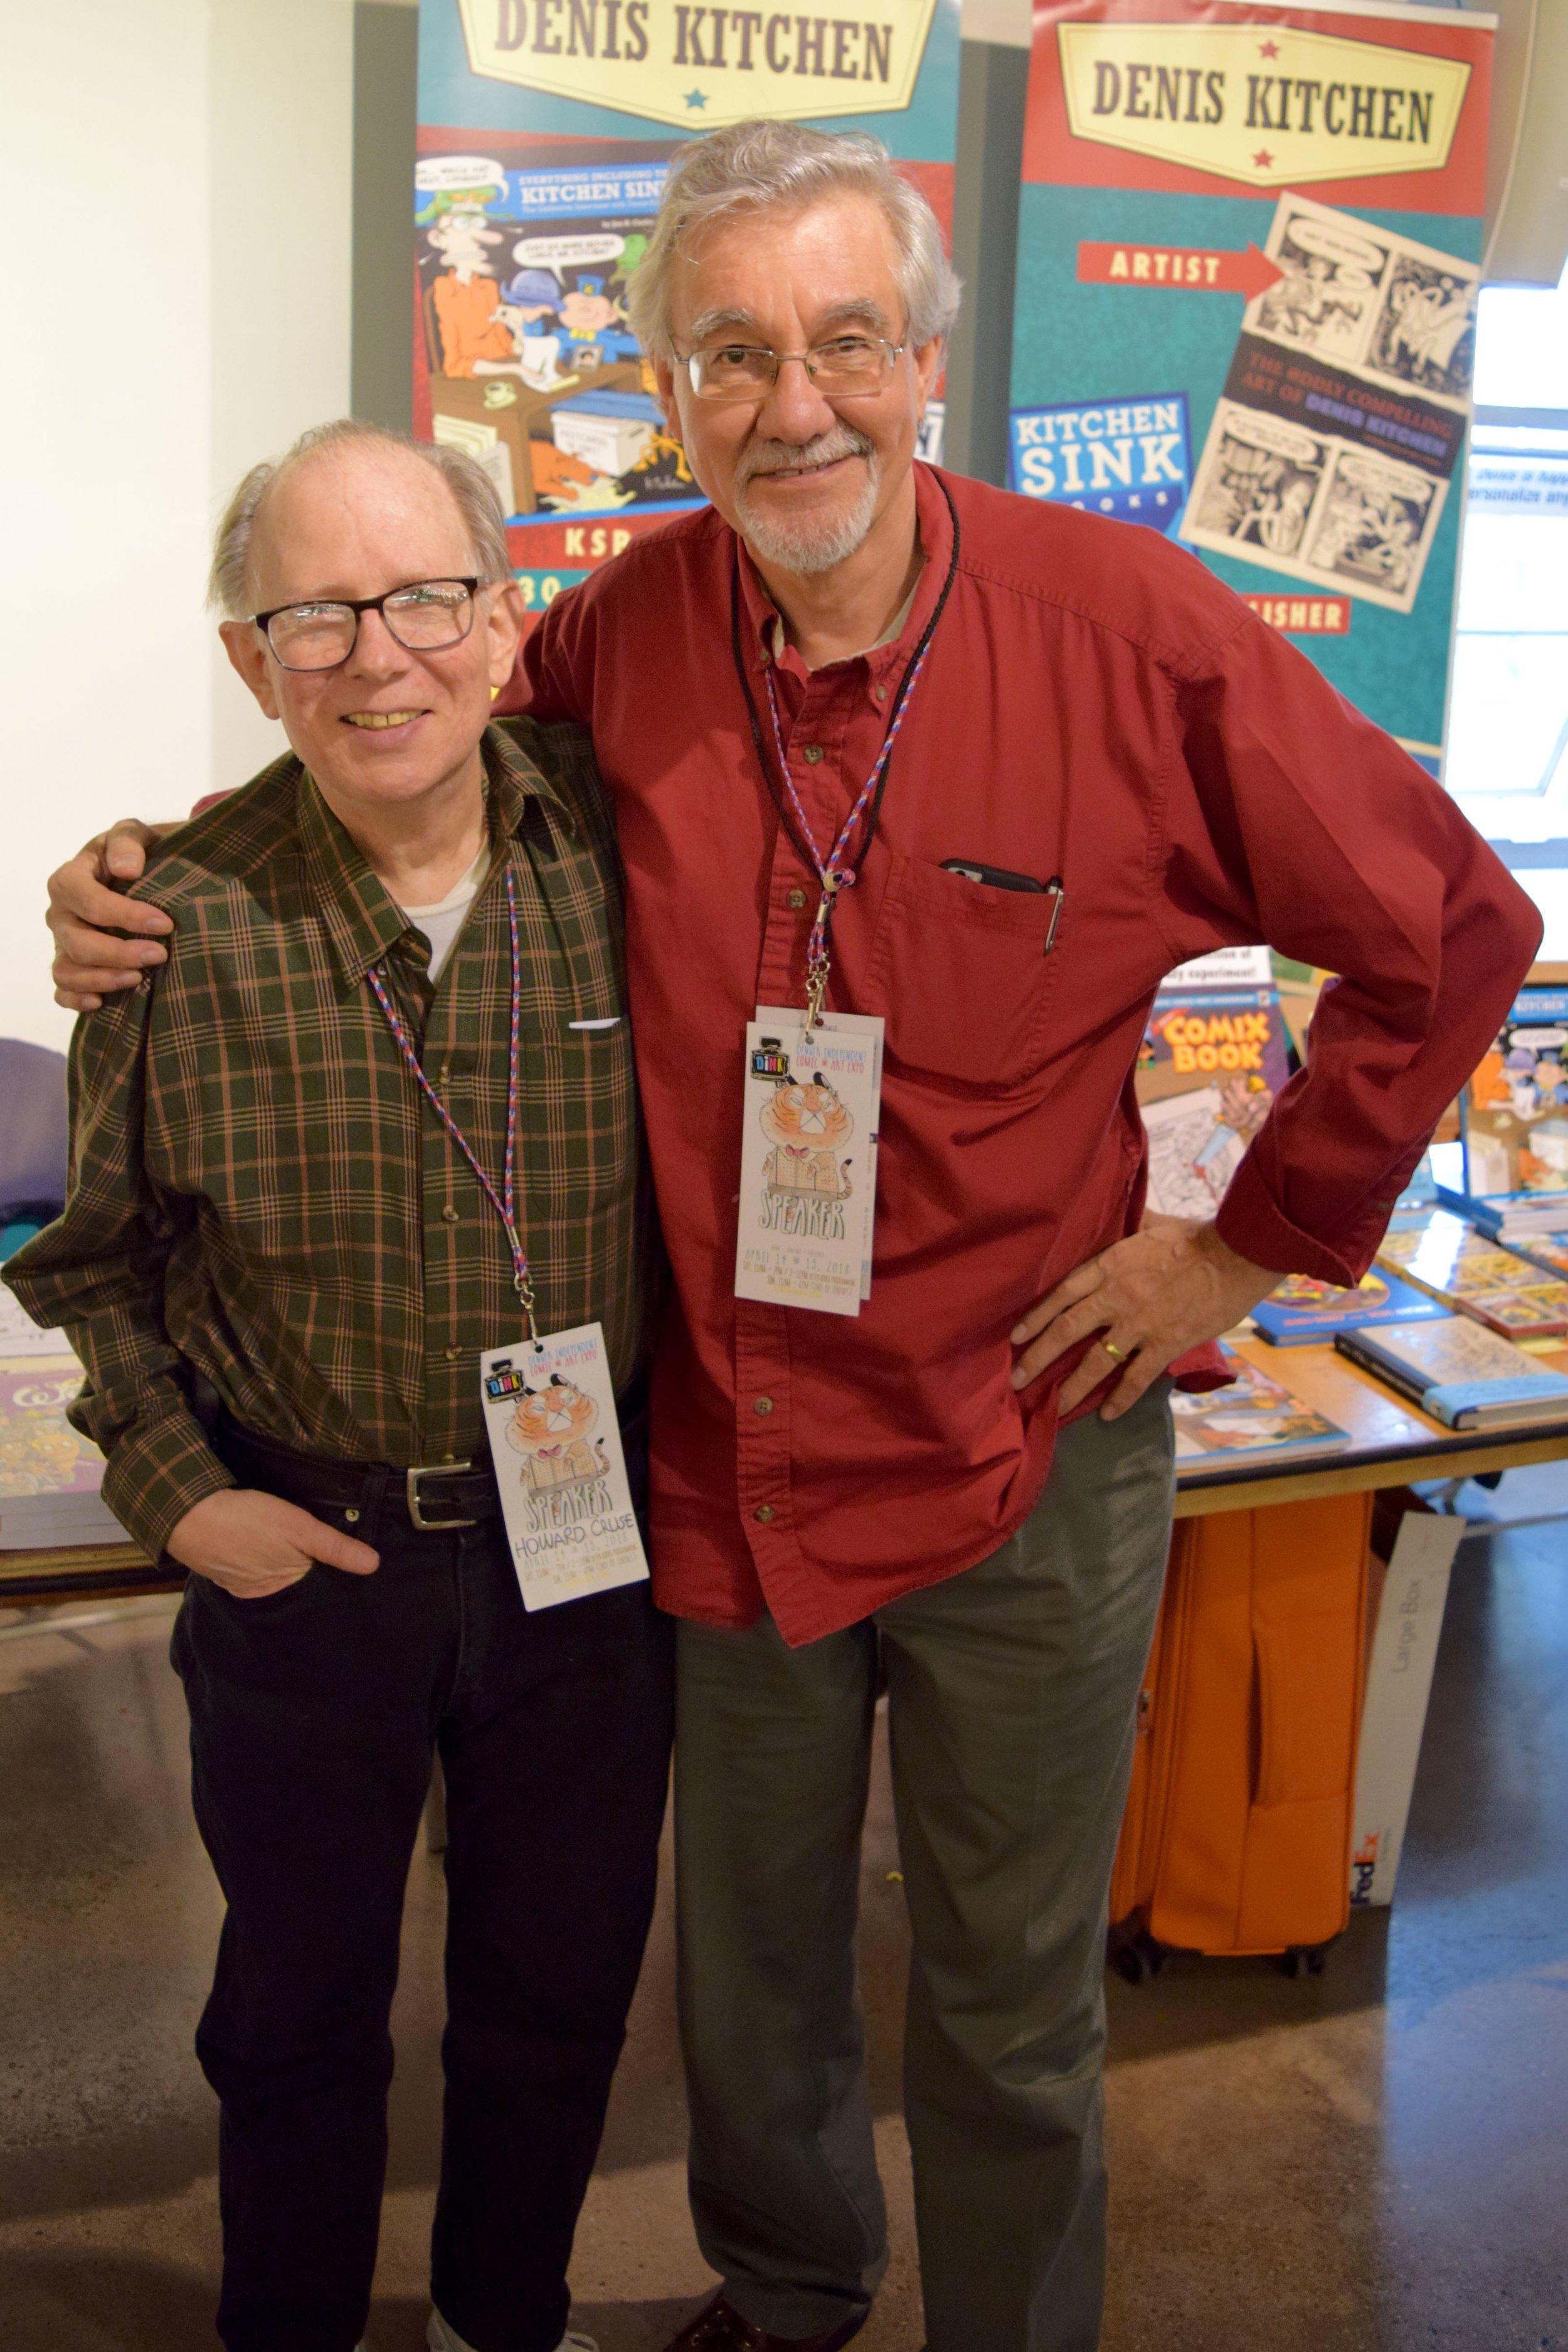 Howard Cruse & Denis Kitchen at DINK 2018.